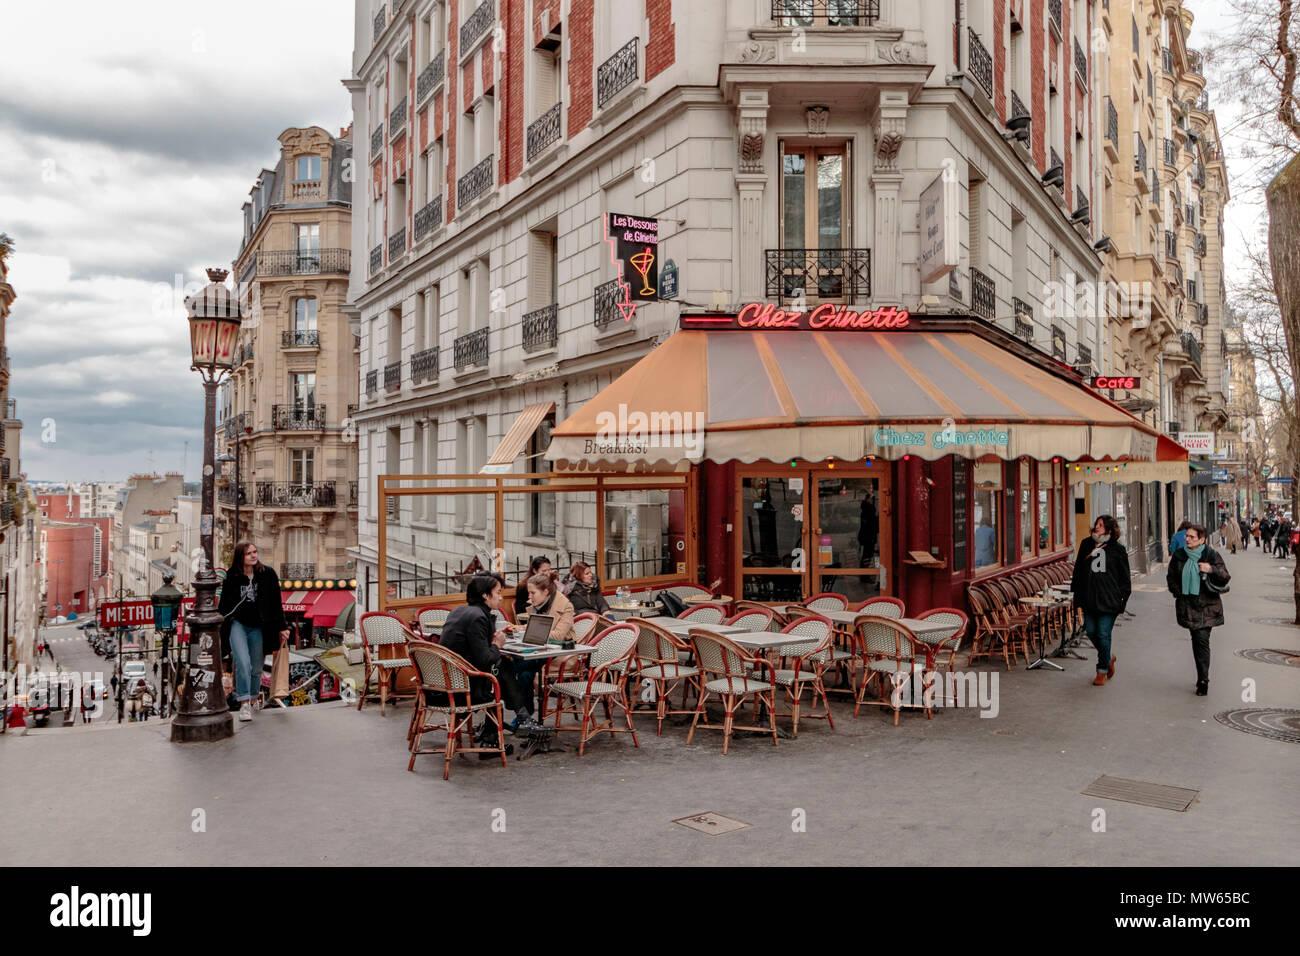 L'hiver à Paris ,les gens assis dehors Chez Ginette sur la Rue Caulaincourt, un café et restaurant, Montmartre, Paris Banque D'Images